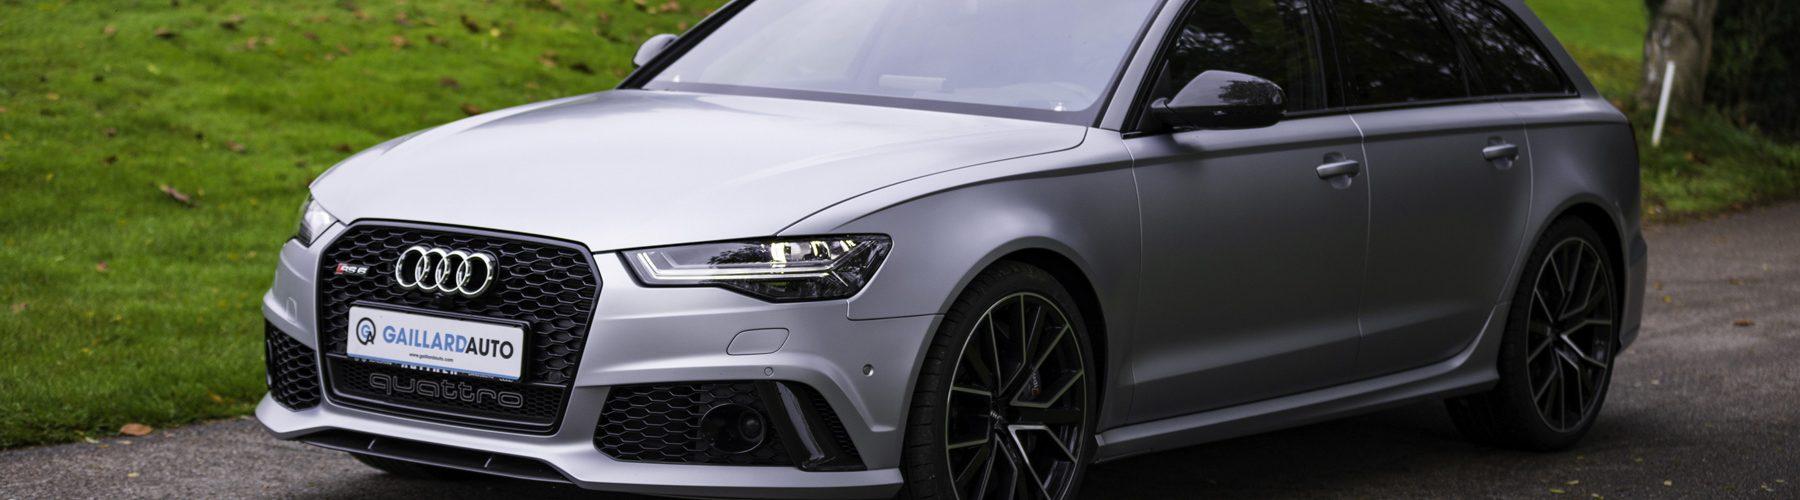 Audi RS6 importée par le mandataire Gaillard Auto